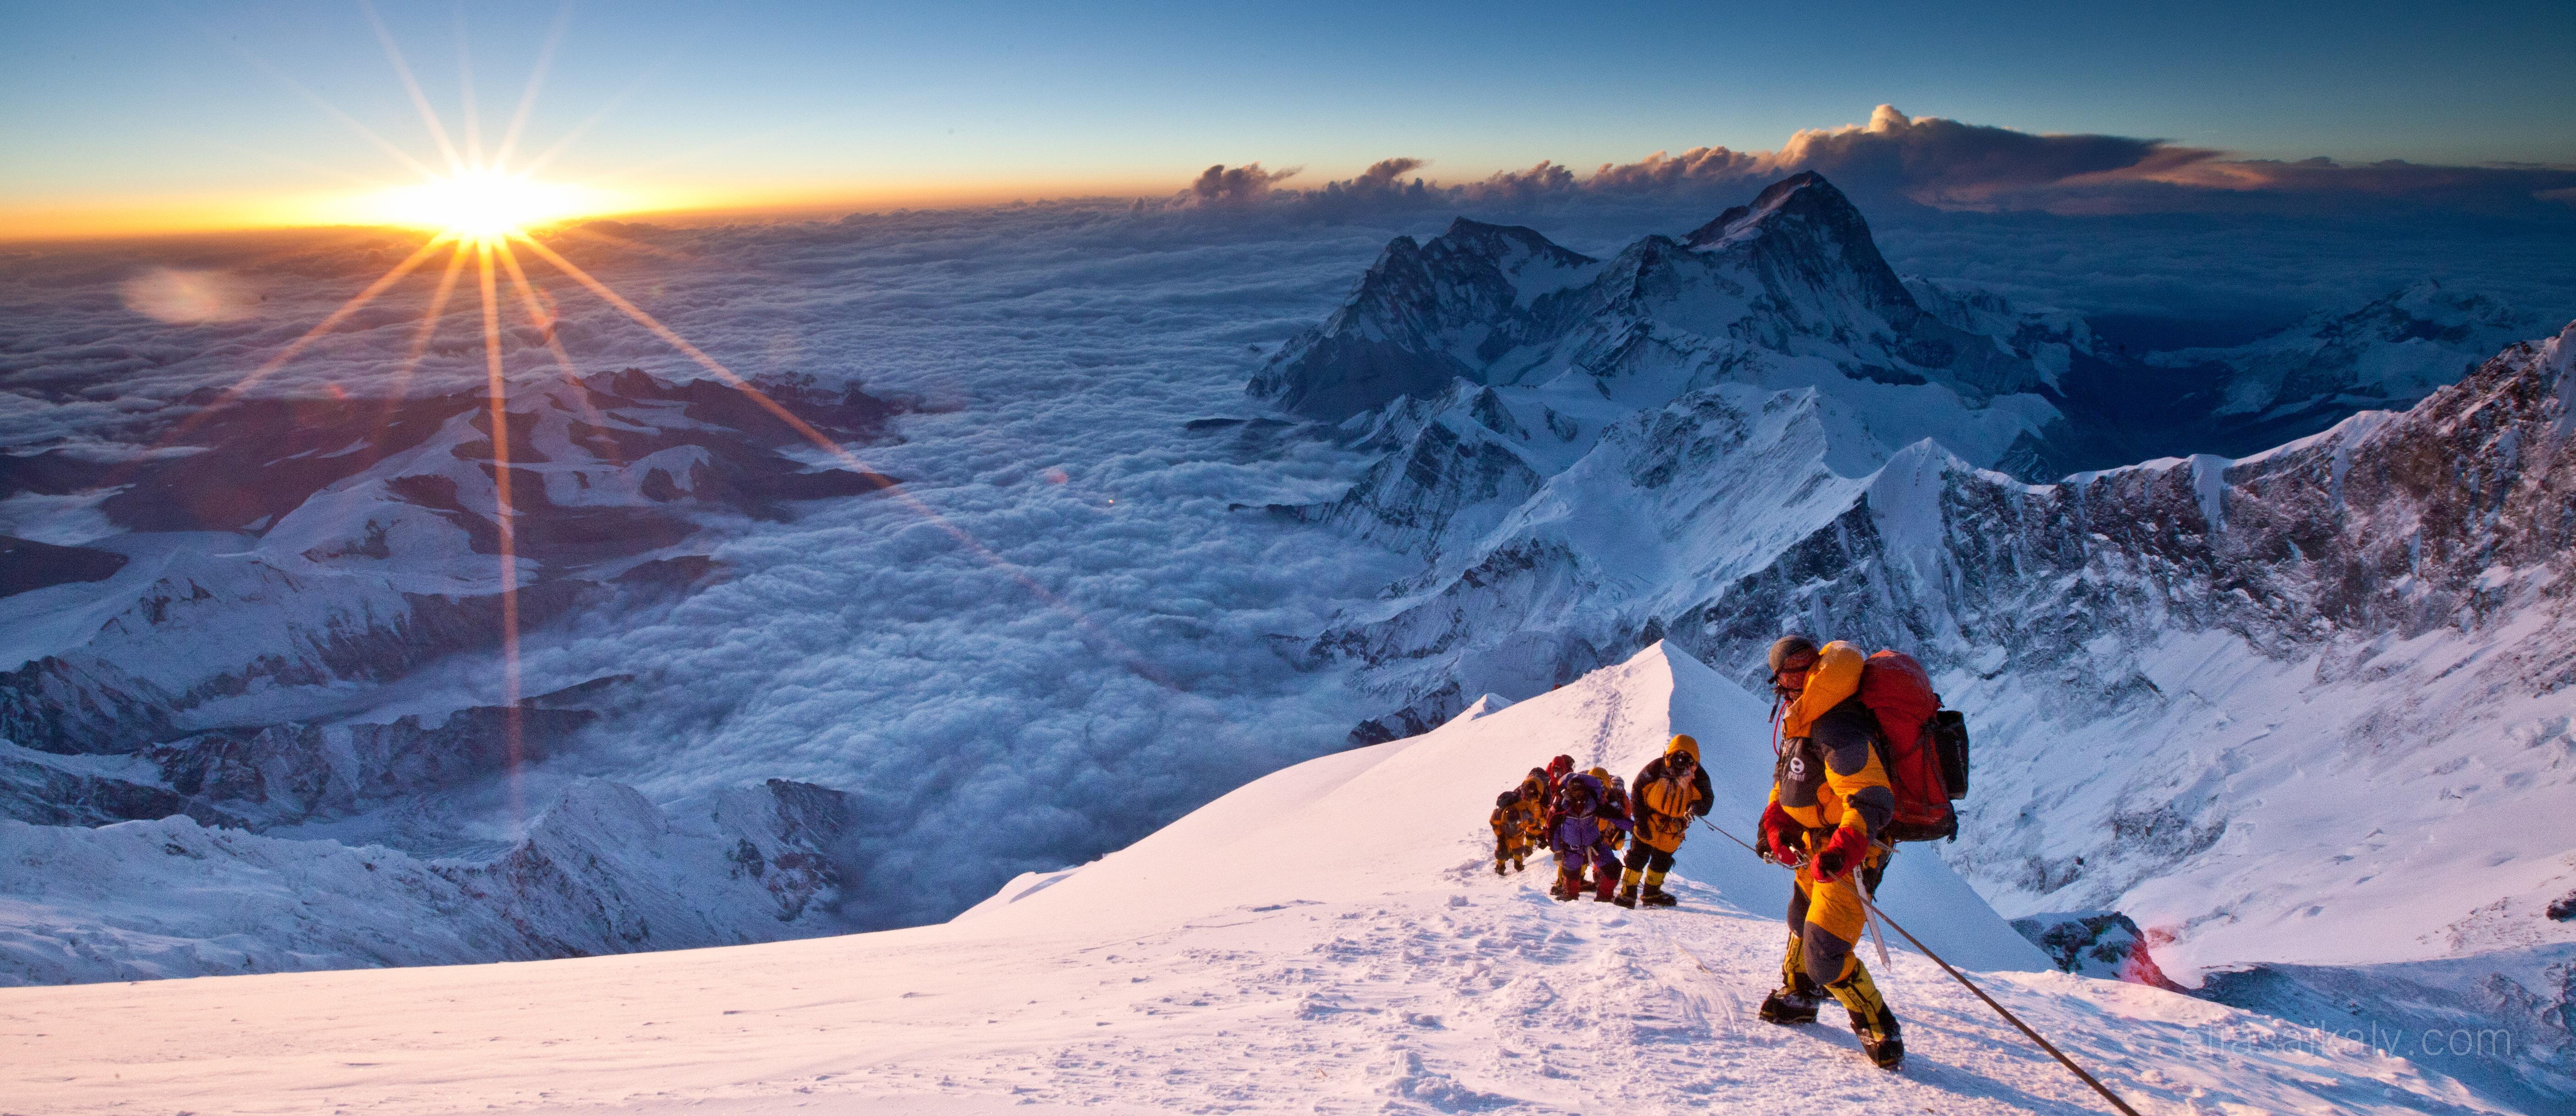 onde-ir-em-maio-29-Everest Onde ir em Maio? | Série 30 lugares em 30 dias